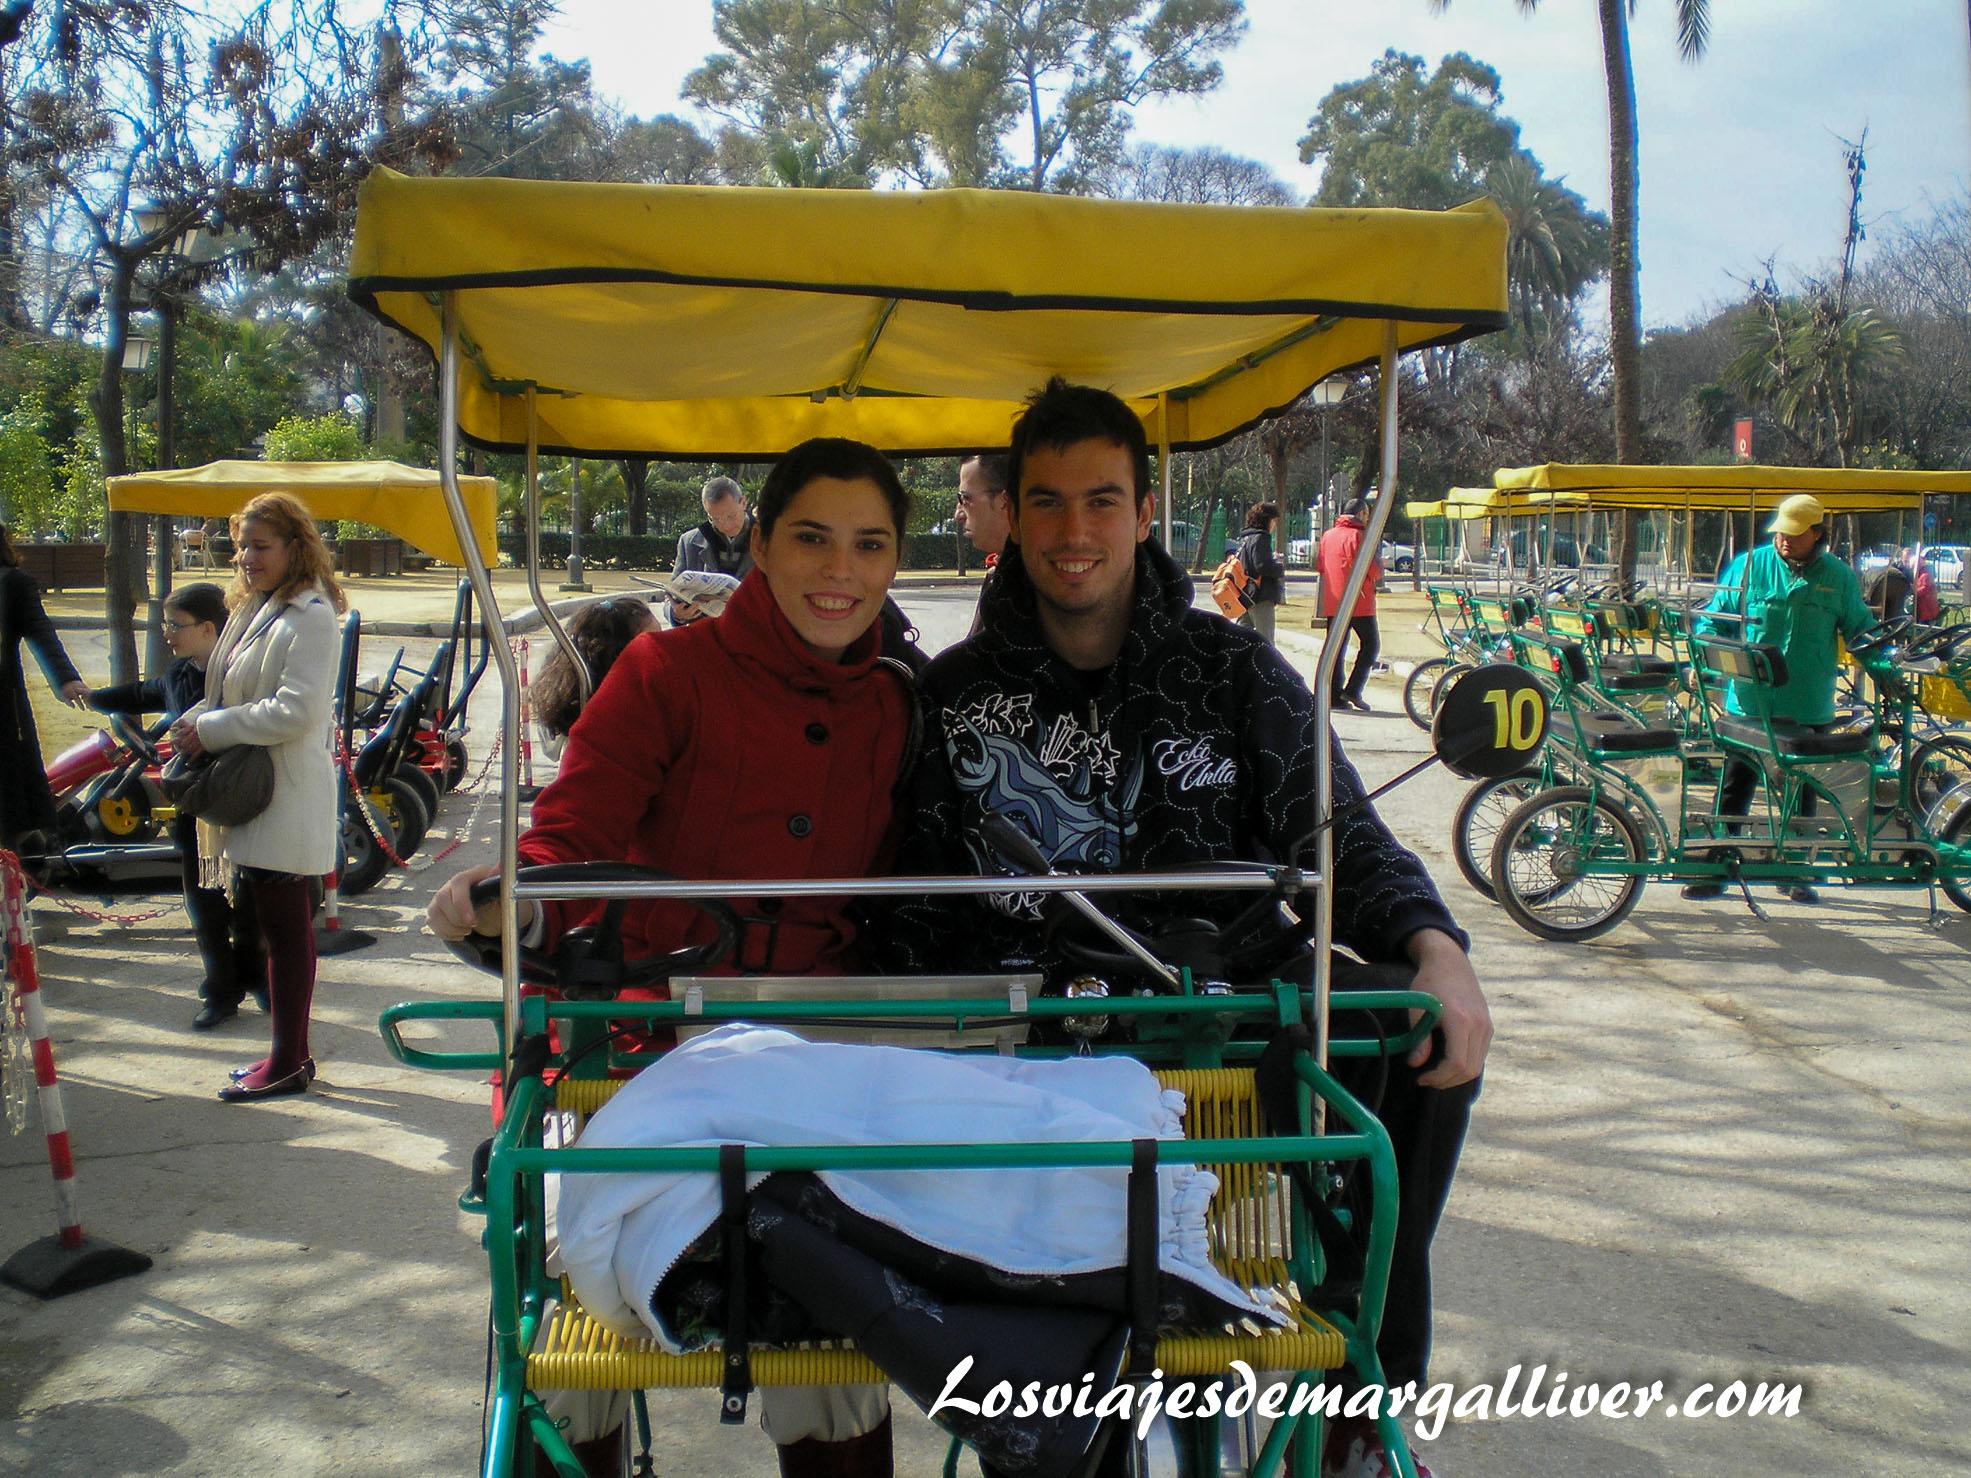 paseo en ciclobus por el parque maria luisa, San Valentín - Los viajes de Margalliver